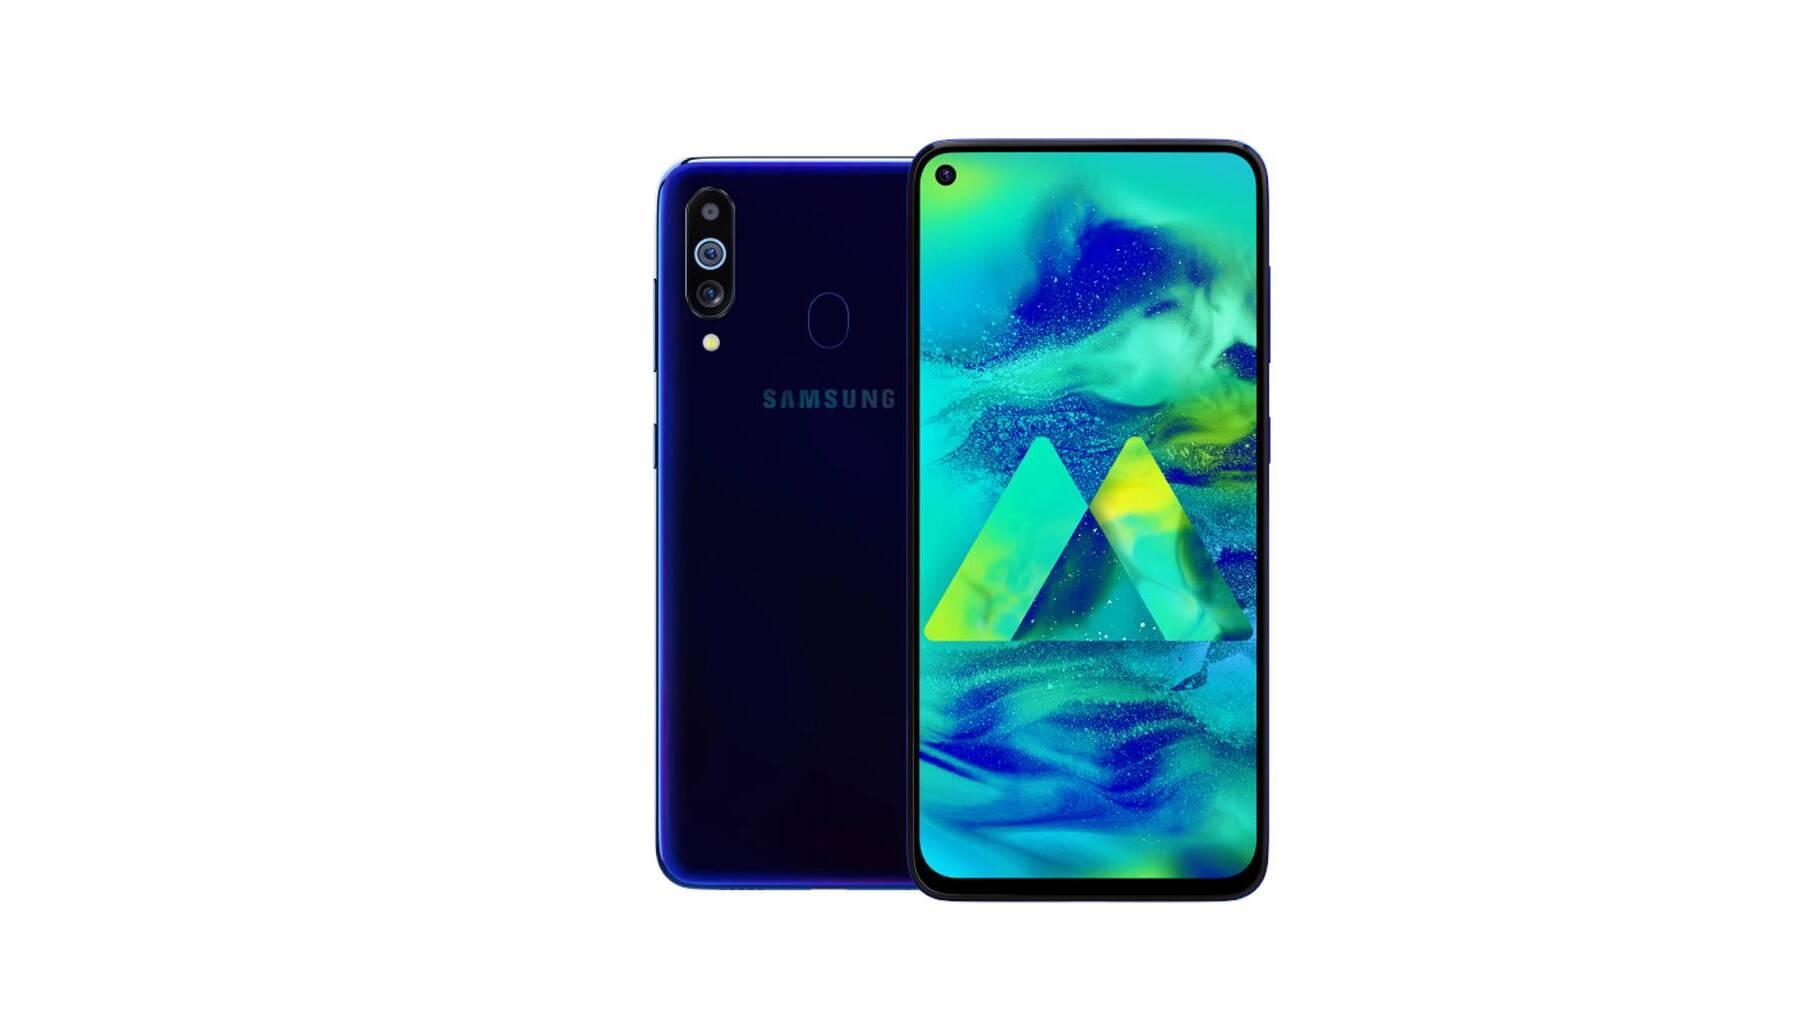 Sforum - Trang thông tin công nghệ mới nhất anh-render-Galaxy-M40-1-1 Một số thông tin thú vị về hệ thống camera của Galaxy M40 vừa được tiết lộ